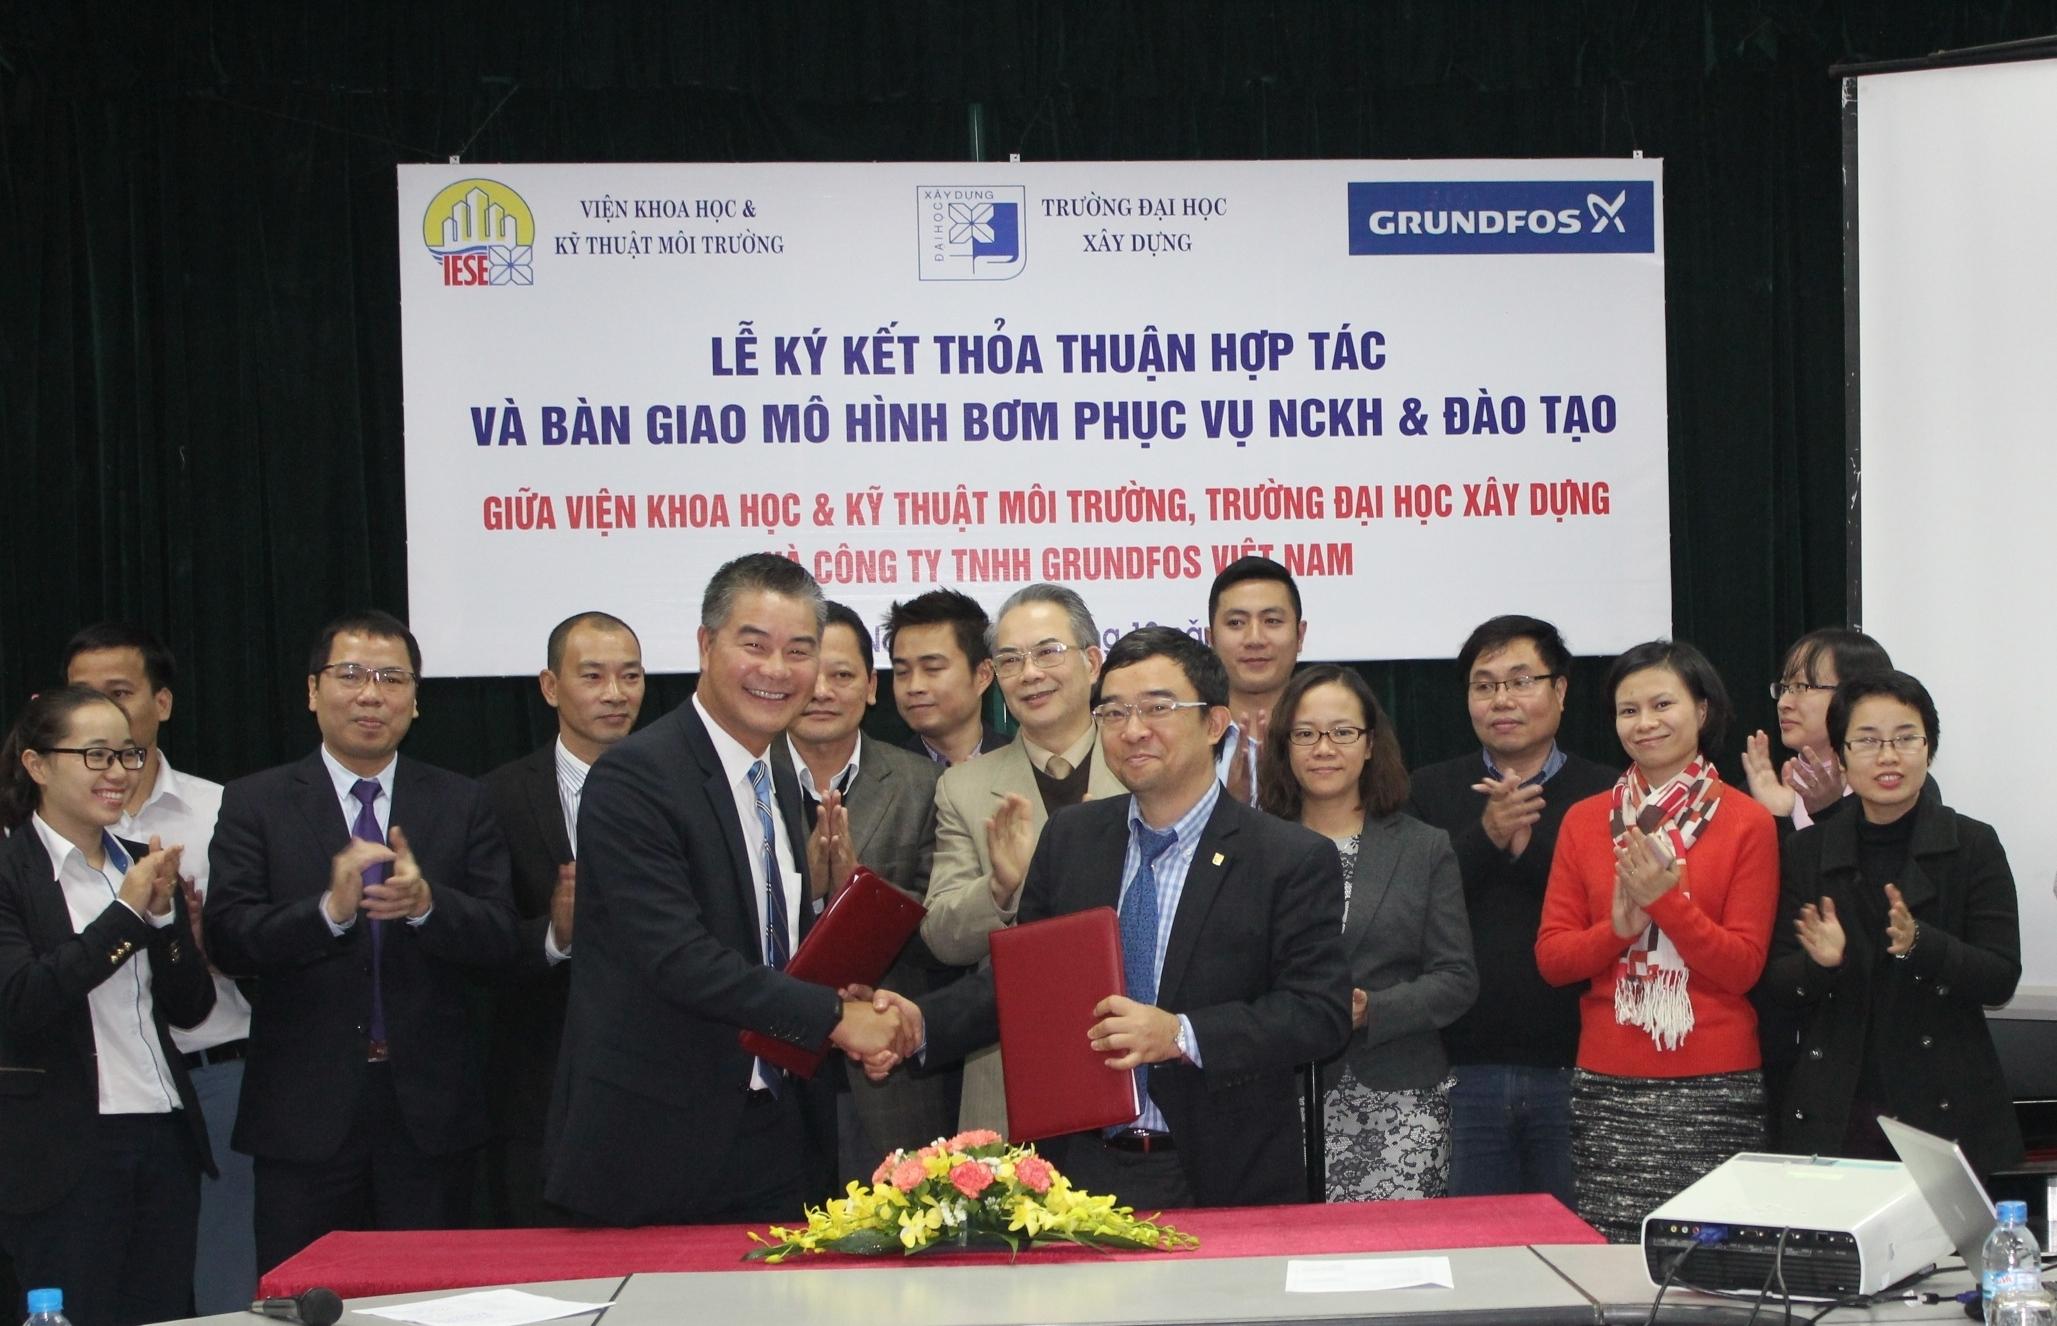 Ký kết thỏa thuận hợp tác với CT Grundfos Việt Nam